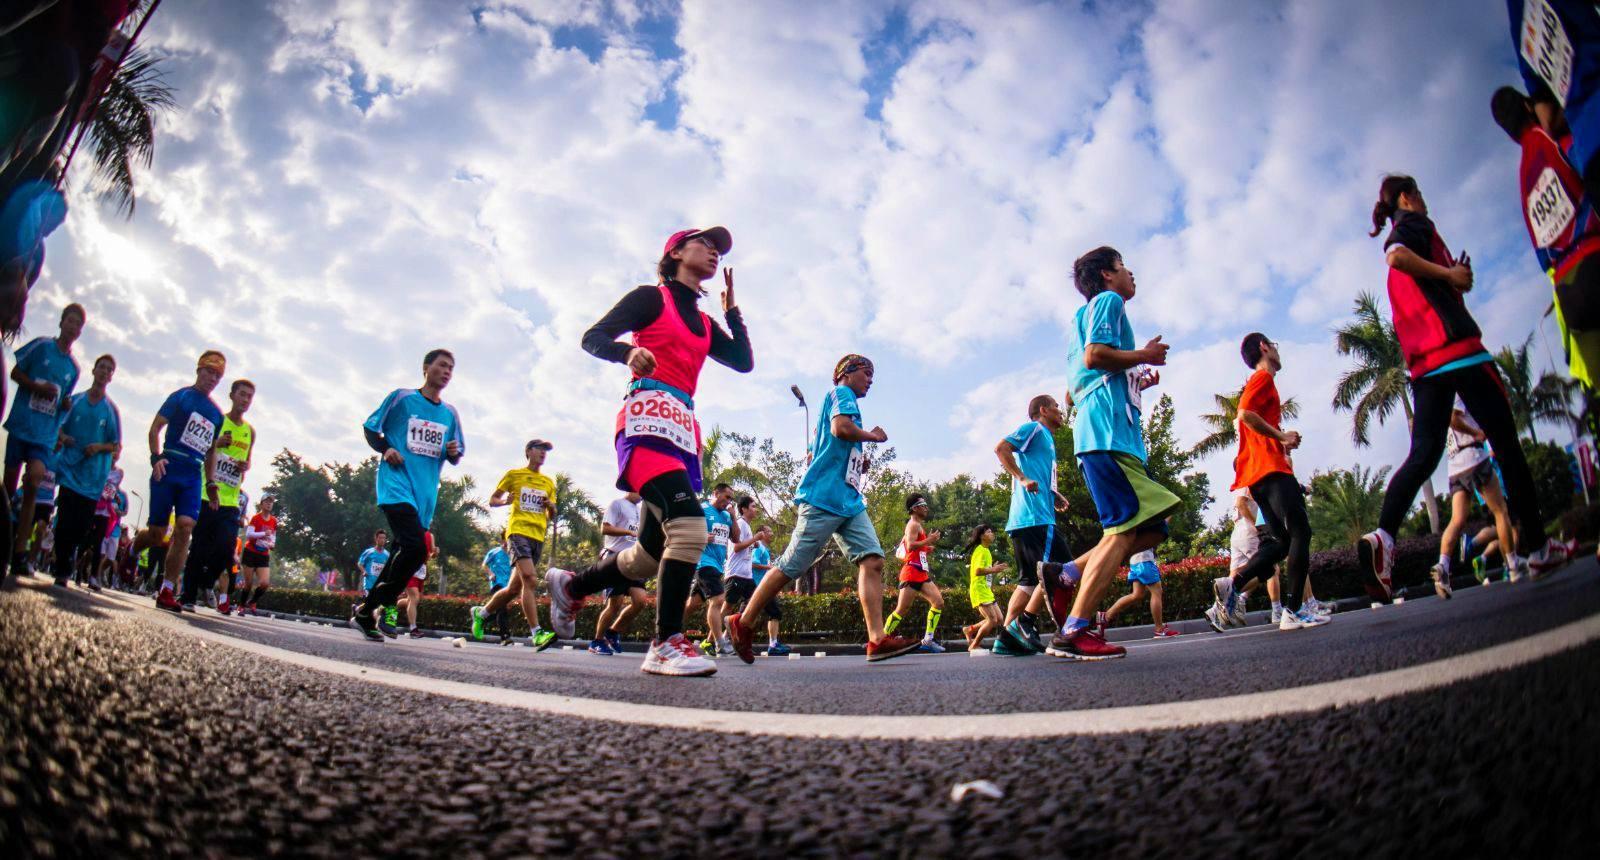 2017营口·鲅鱼圈国际马拉松赛竞赛规程